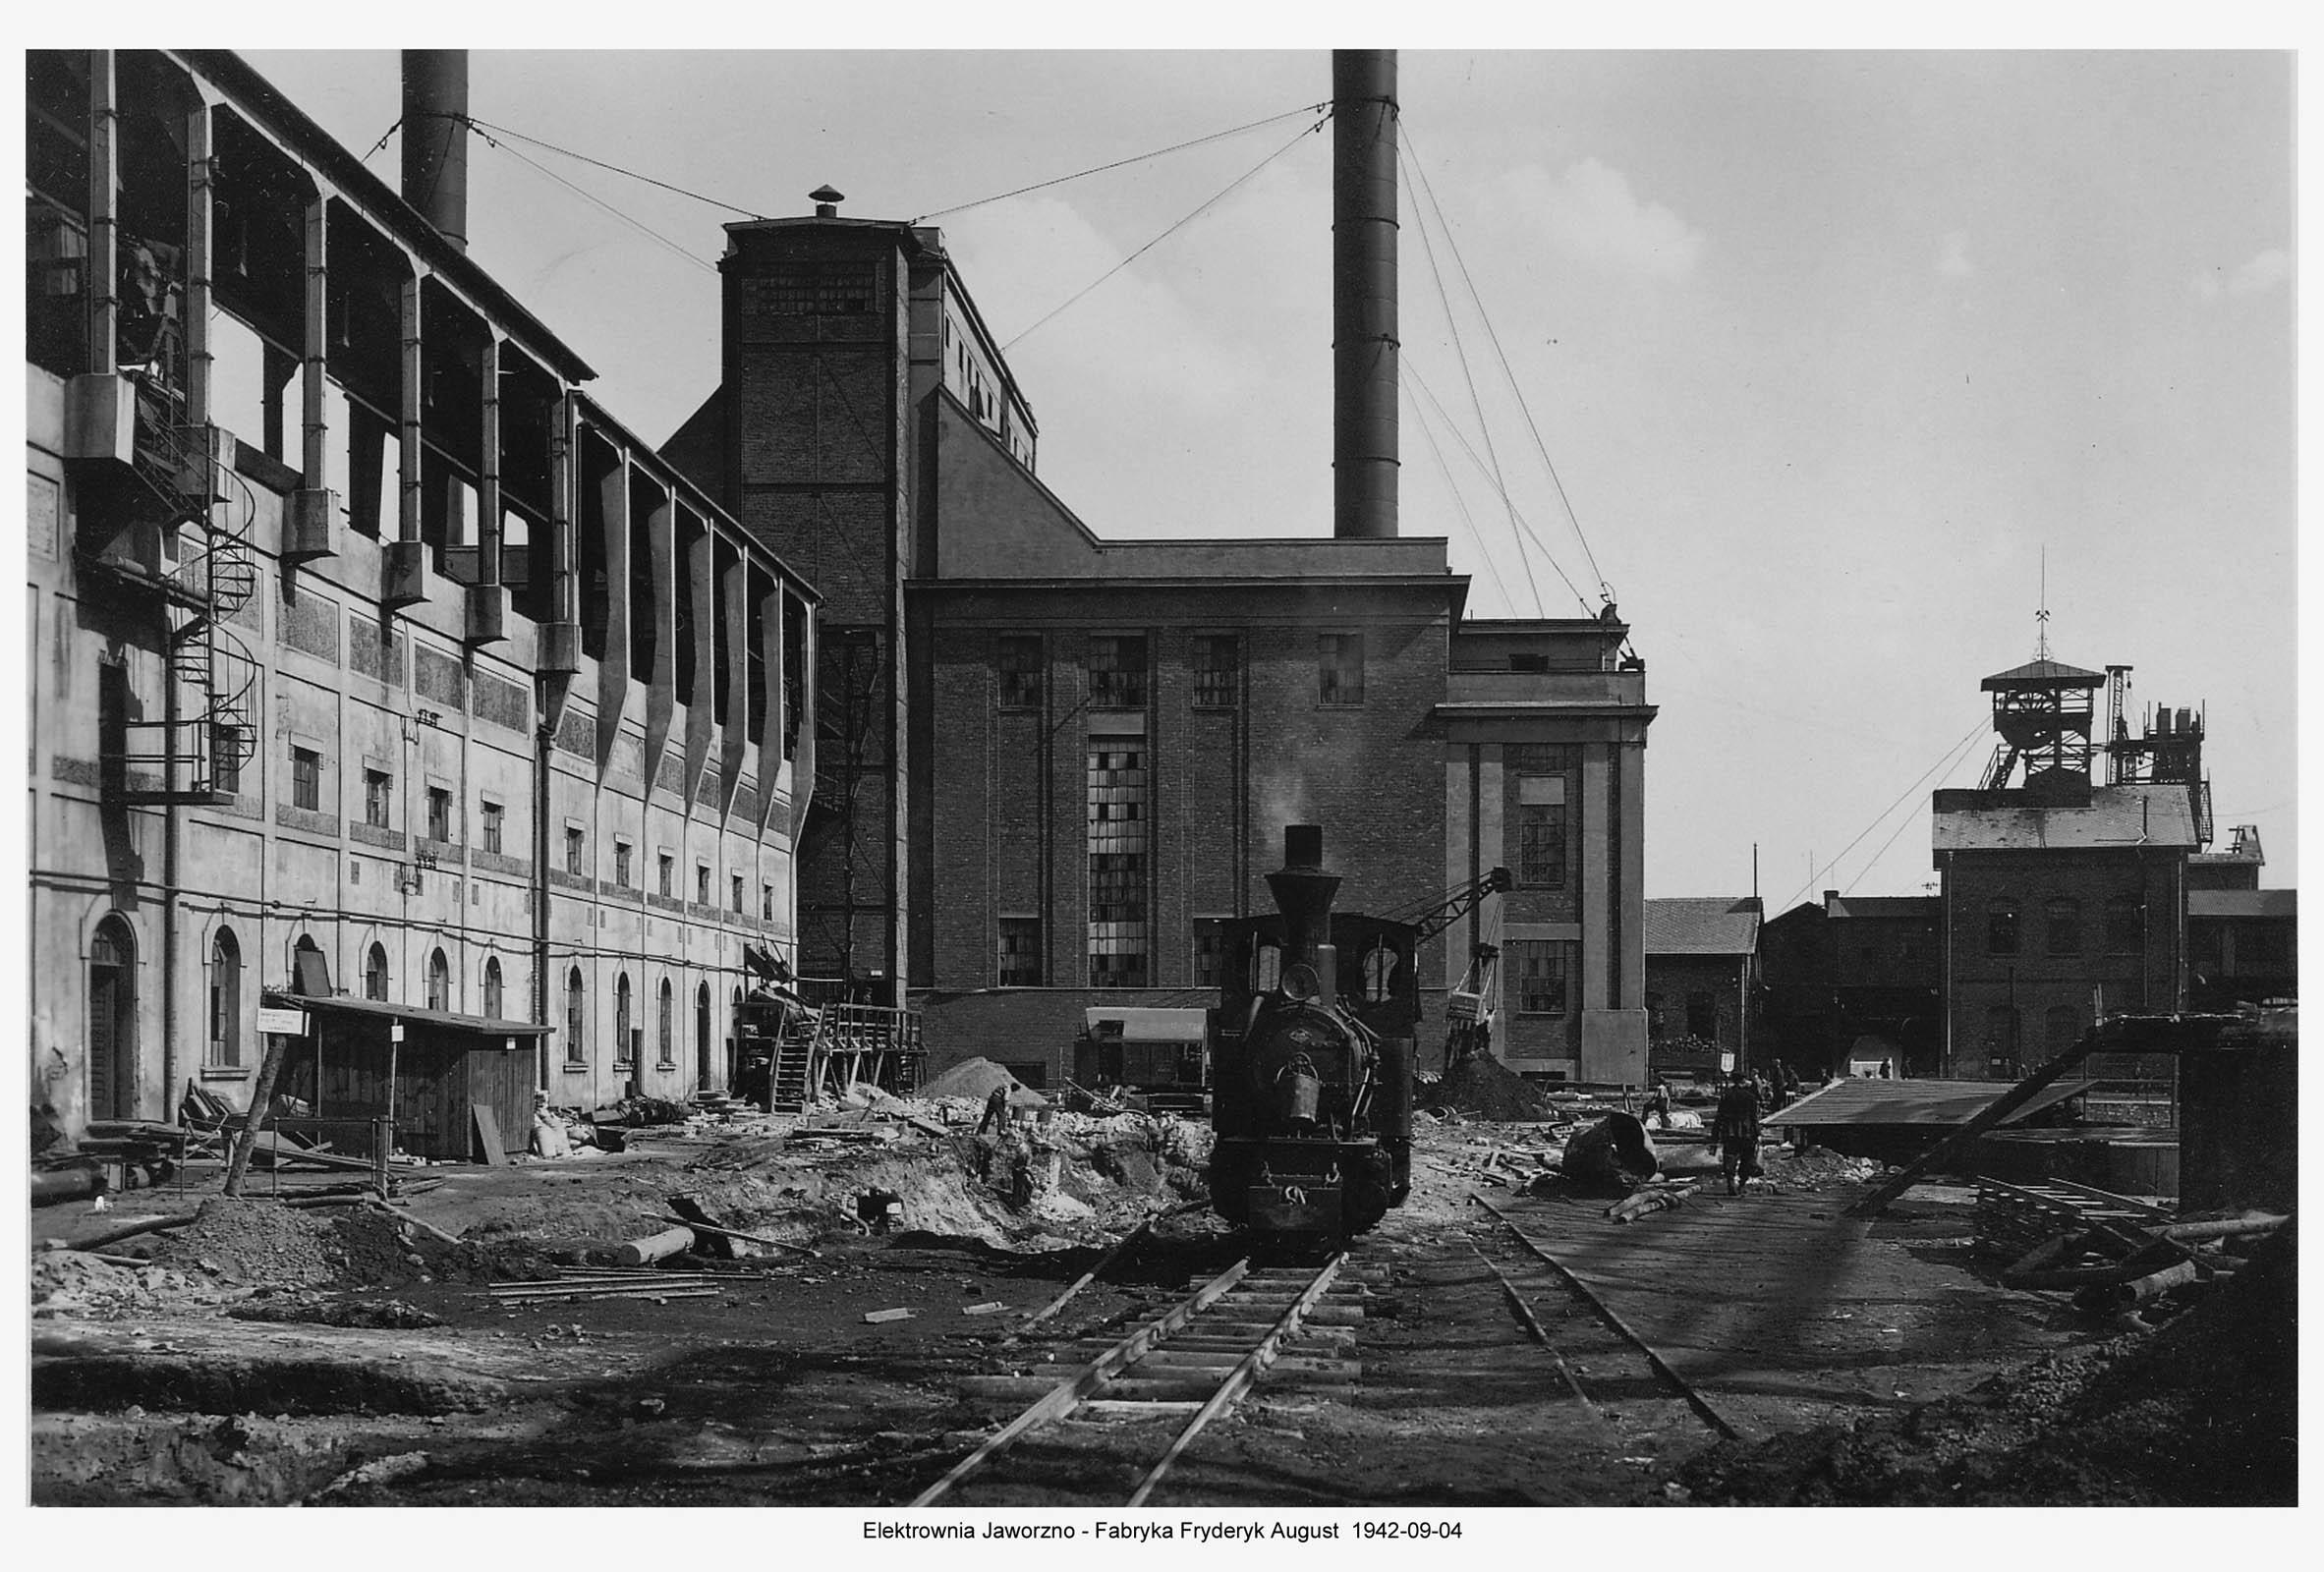 Kraftwerk Friedrich-August 6. 1942. Muzeum w Jaworznie